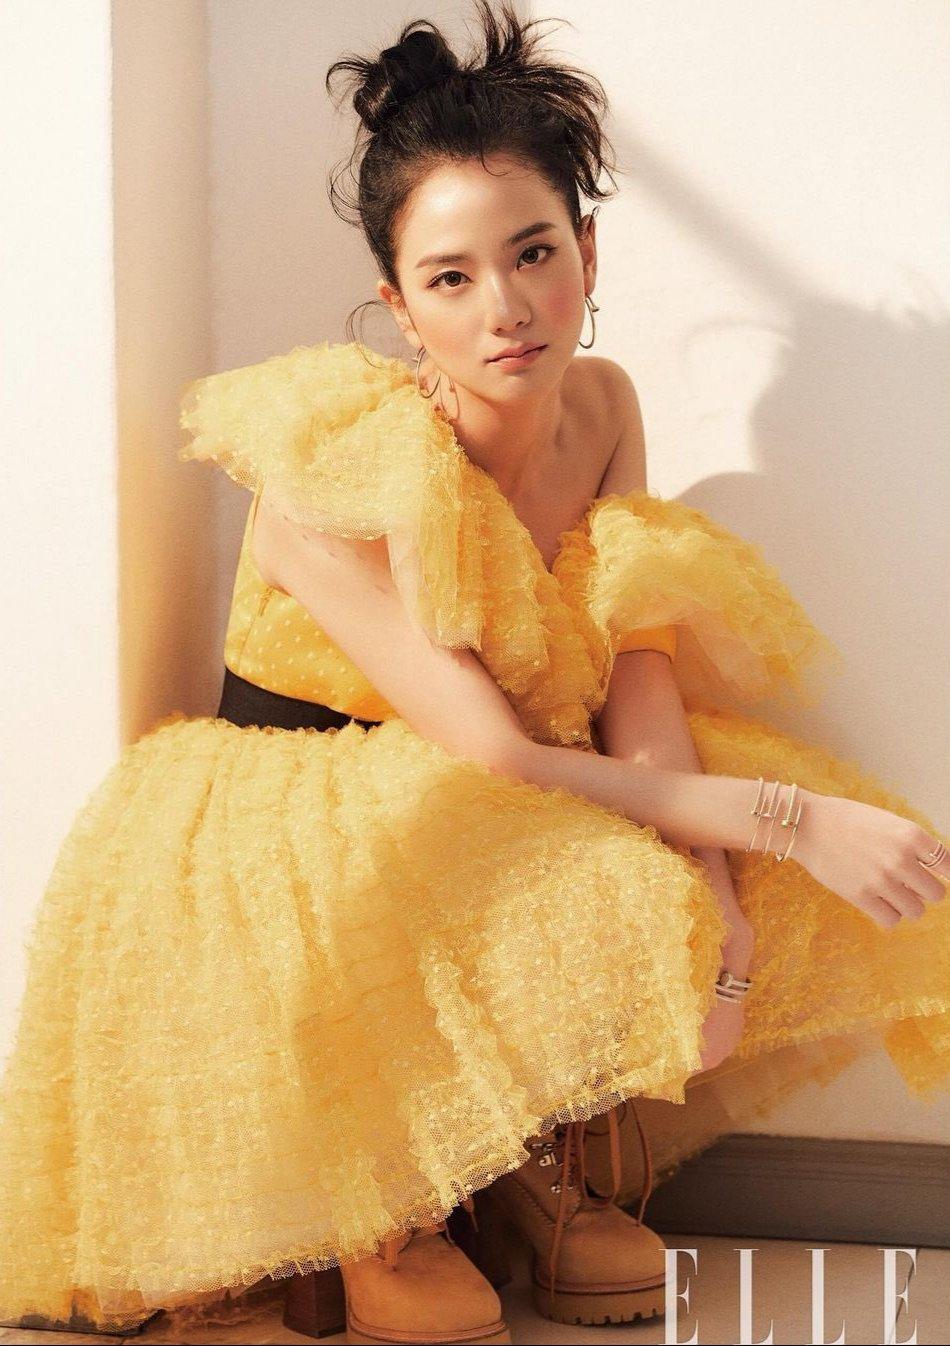 Màn đụng hàng cân não nhất đầu năm của Jisoo - Yoona: Người như công chúa Disney, người cá tính mà vẫn xinh ra trò - Ảnh 4.